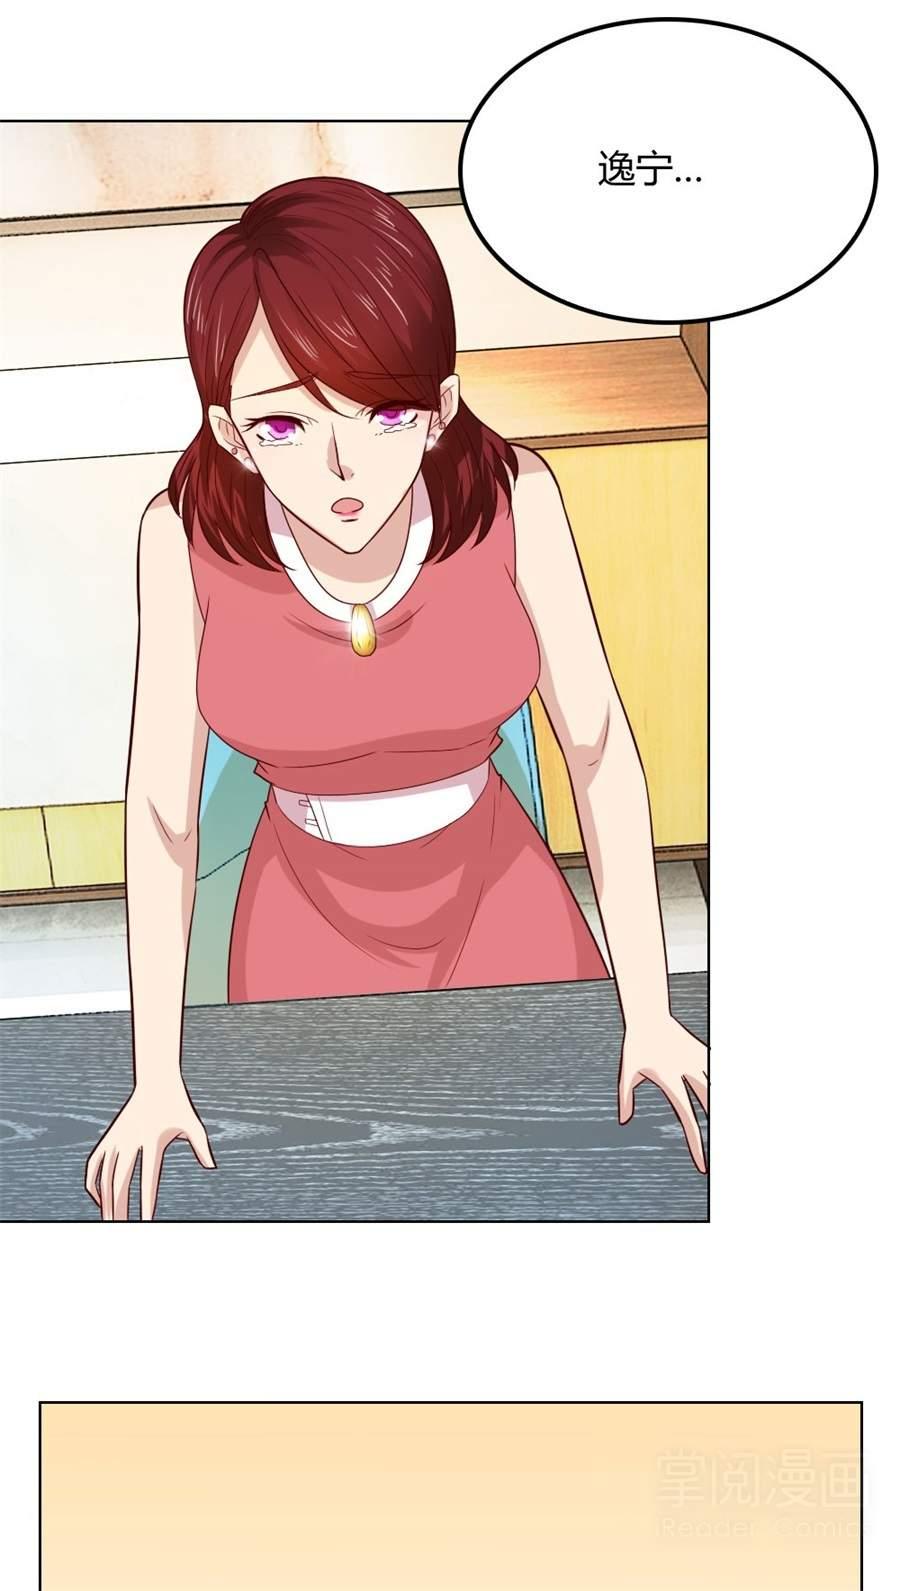 错嫁替婚总裁第88话  心结 第 4